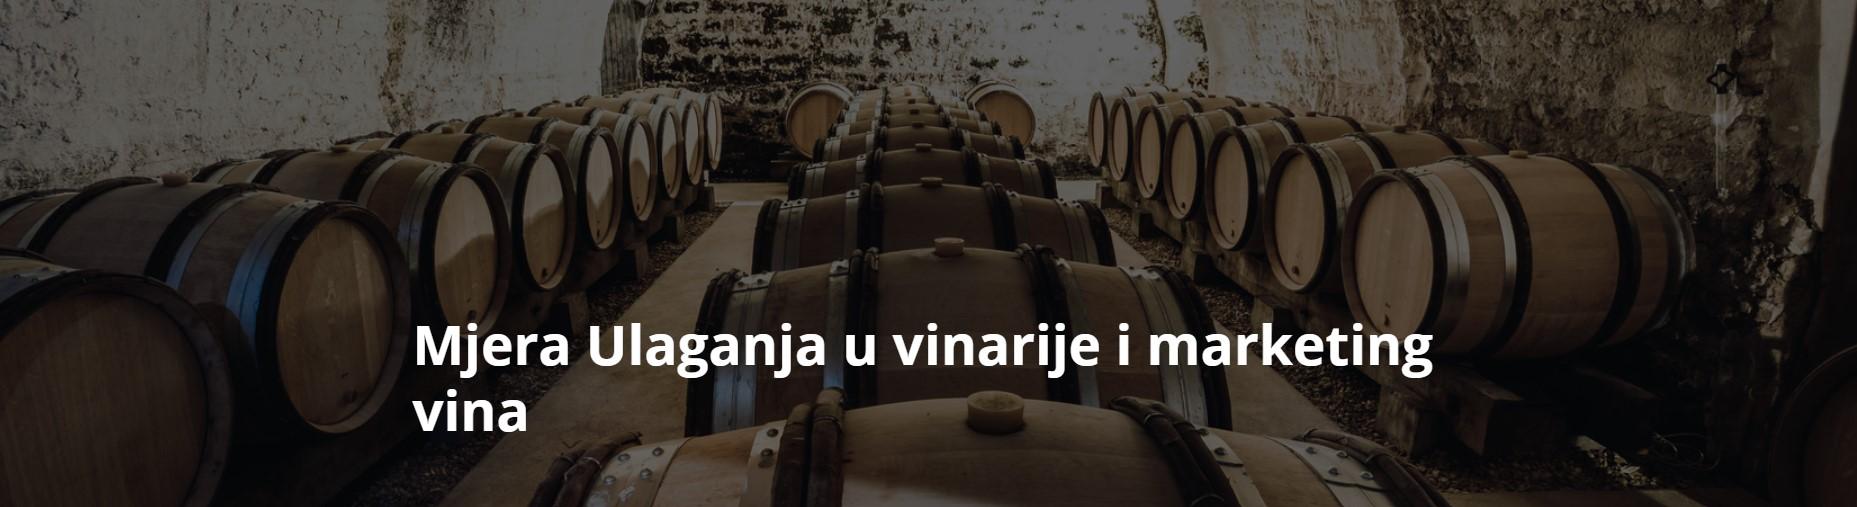 Mjera ulaganja u vinarije i marketing vina